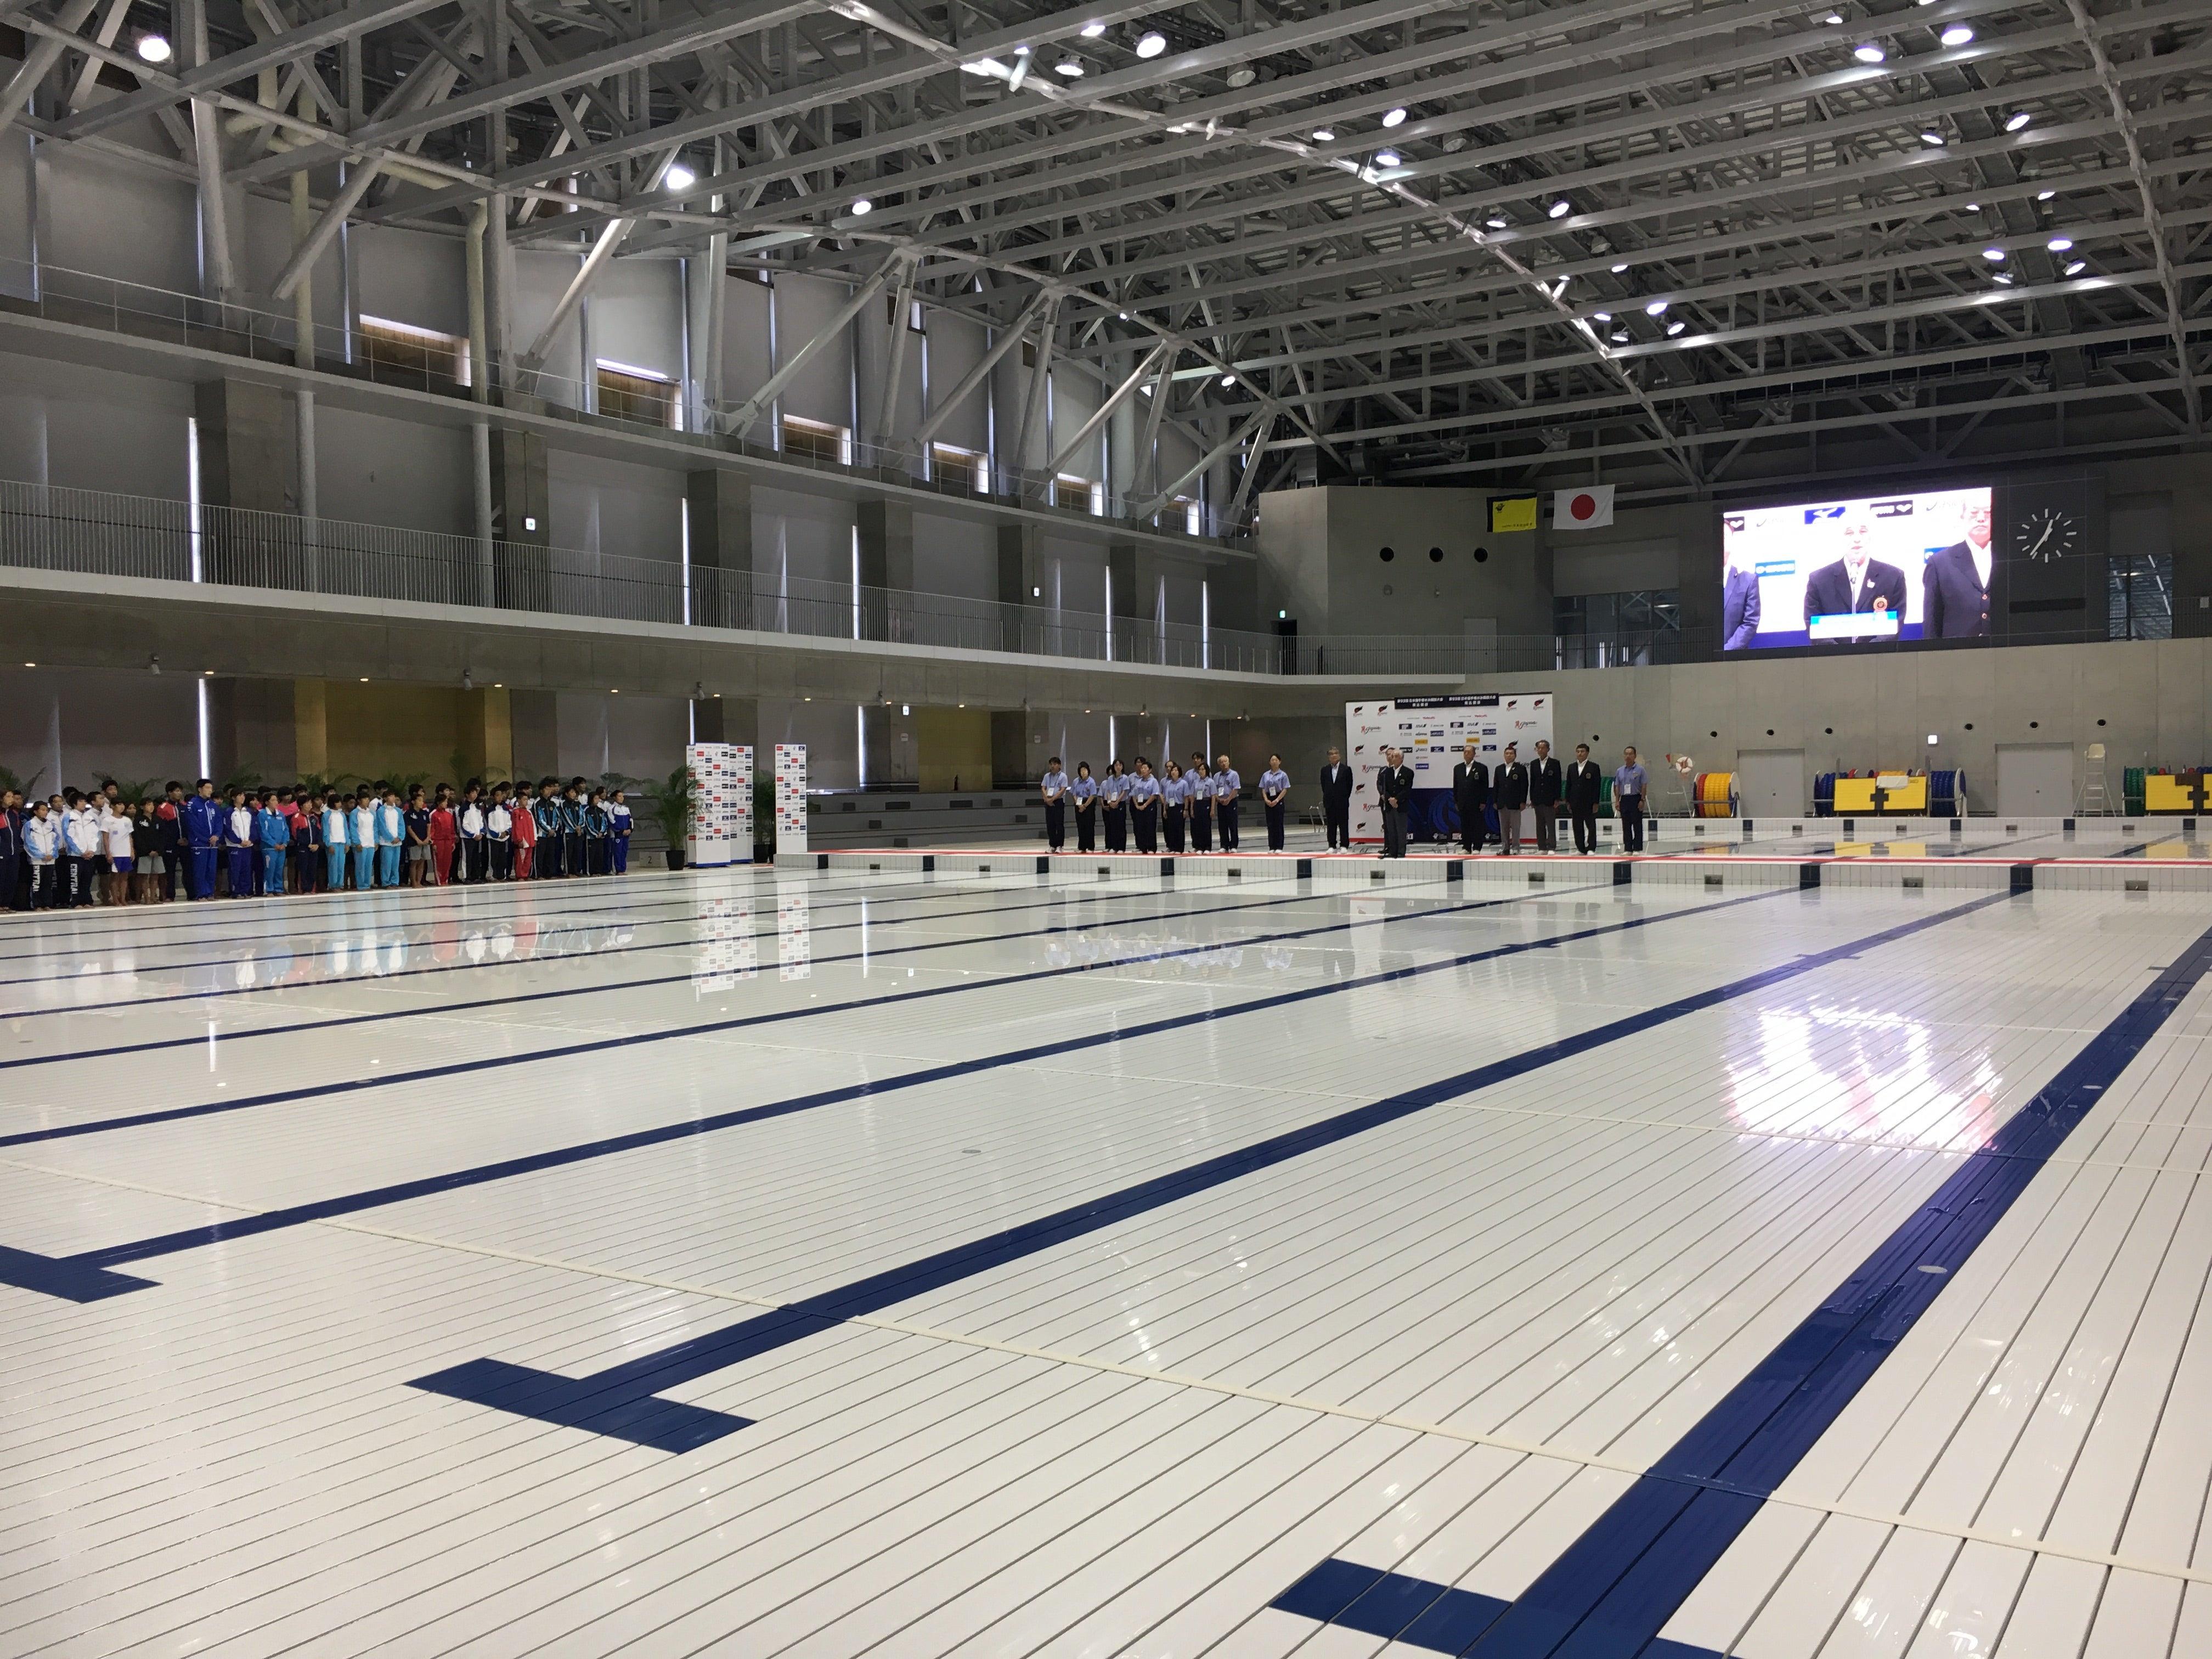 第93回日本選手権水泳競技大会飛込競技開始式 | 山野ゆきよし日記